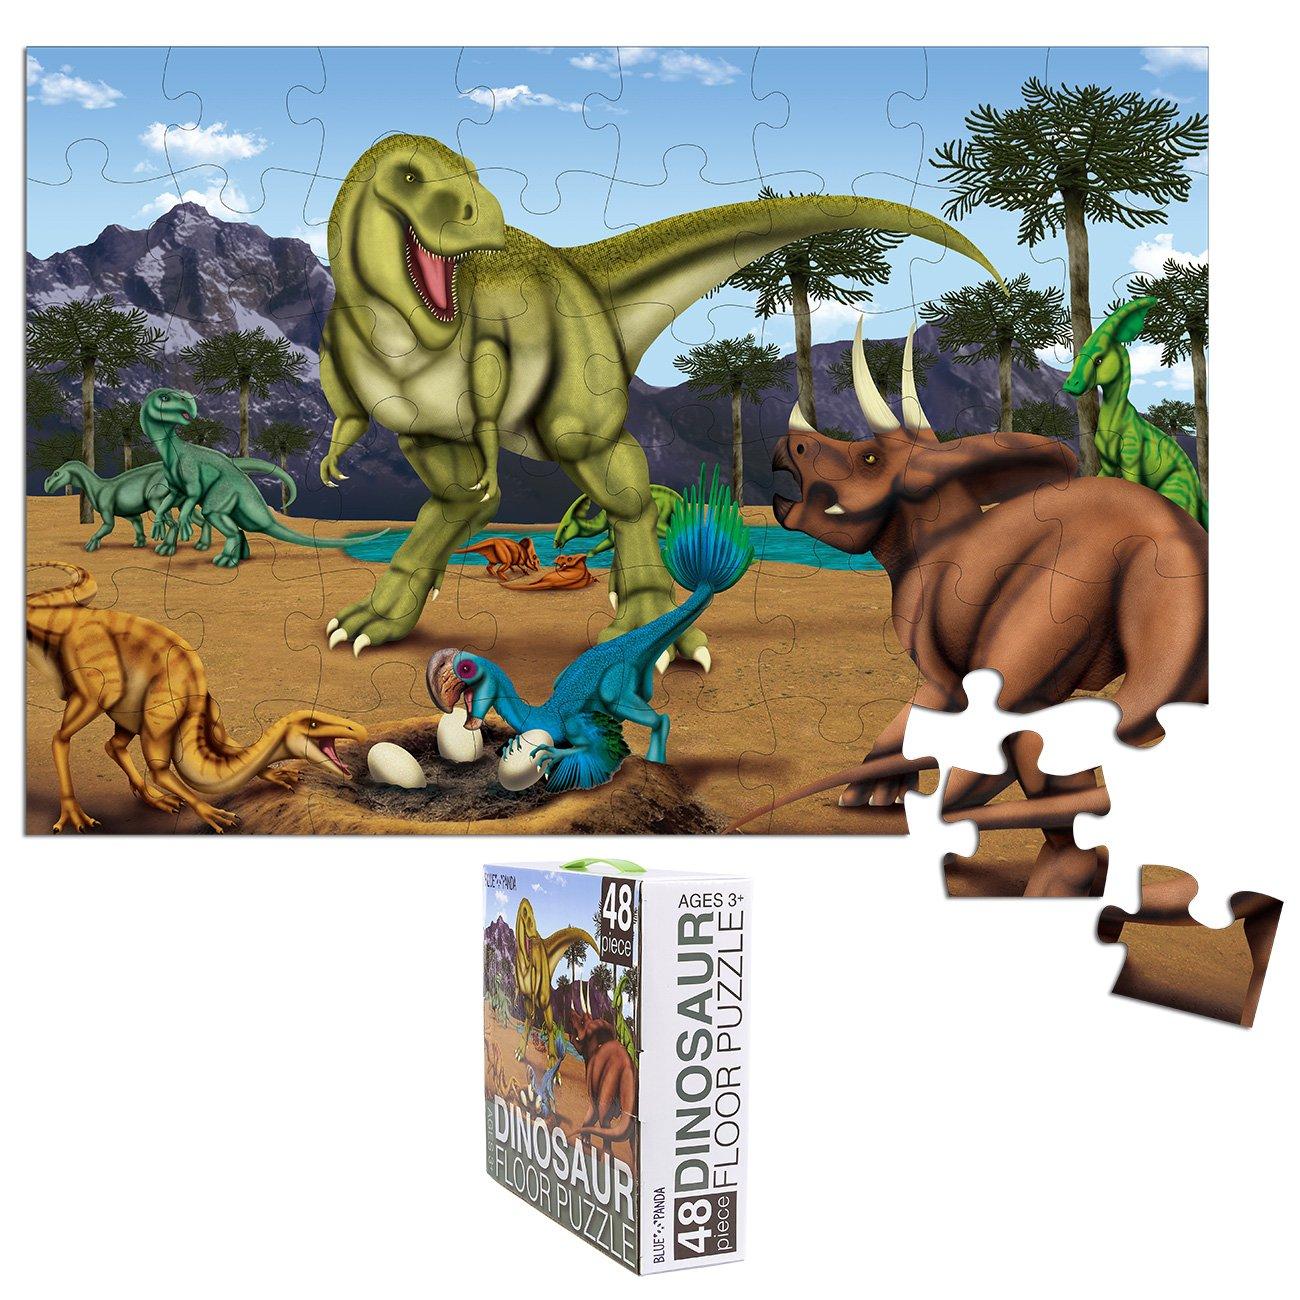 Blue Panda Floor Puzzles – 48 Piece Giant Floor Puzzle, Dinosaur Jumbo Jigsaw Puzzles, Floor Puzzles Kids in Preschool, Kindergarten, Ages 3-5, 1.9 x 2.9 Feet